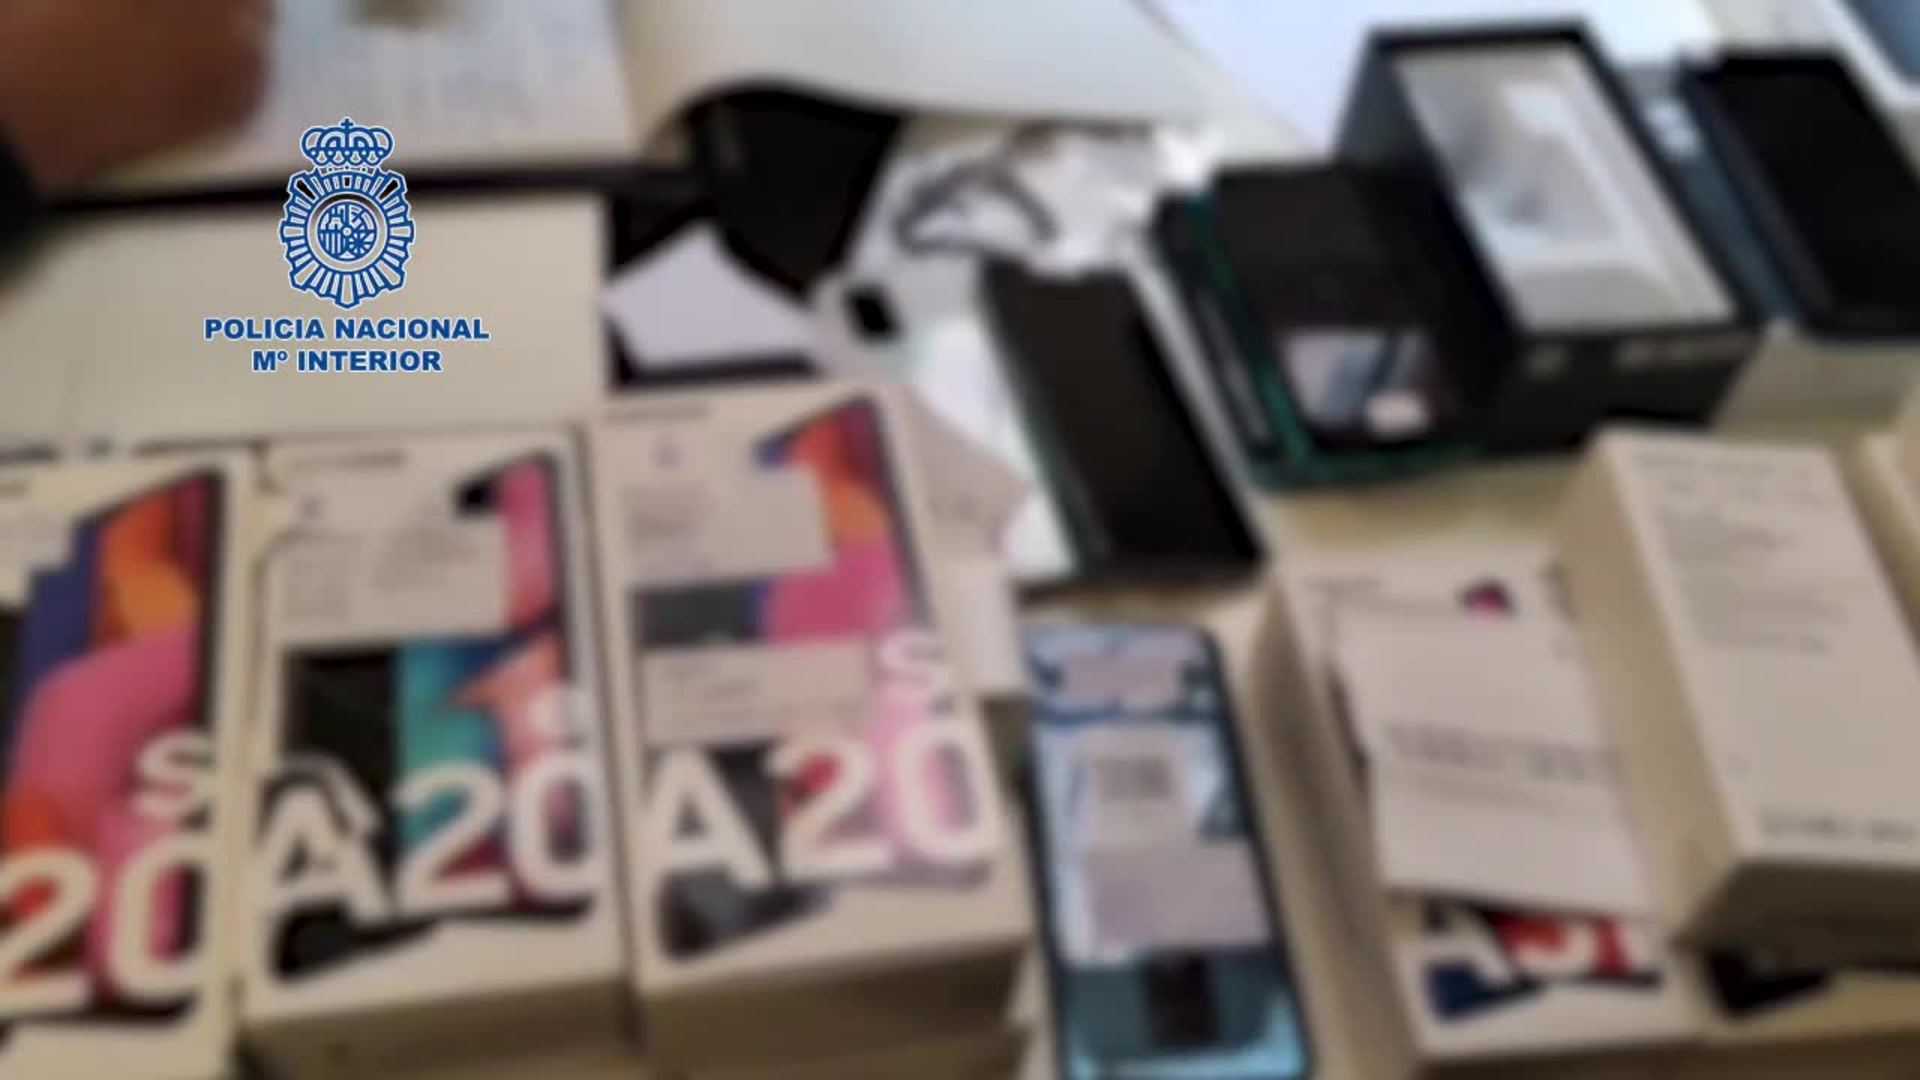 Cae en Cartagena una organización dedicada a las estafas en red cuyos integrantes se hacían pasar por víctimas